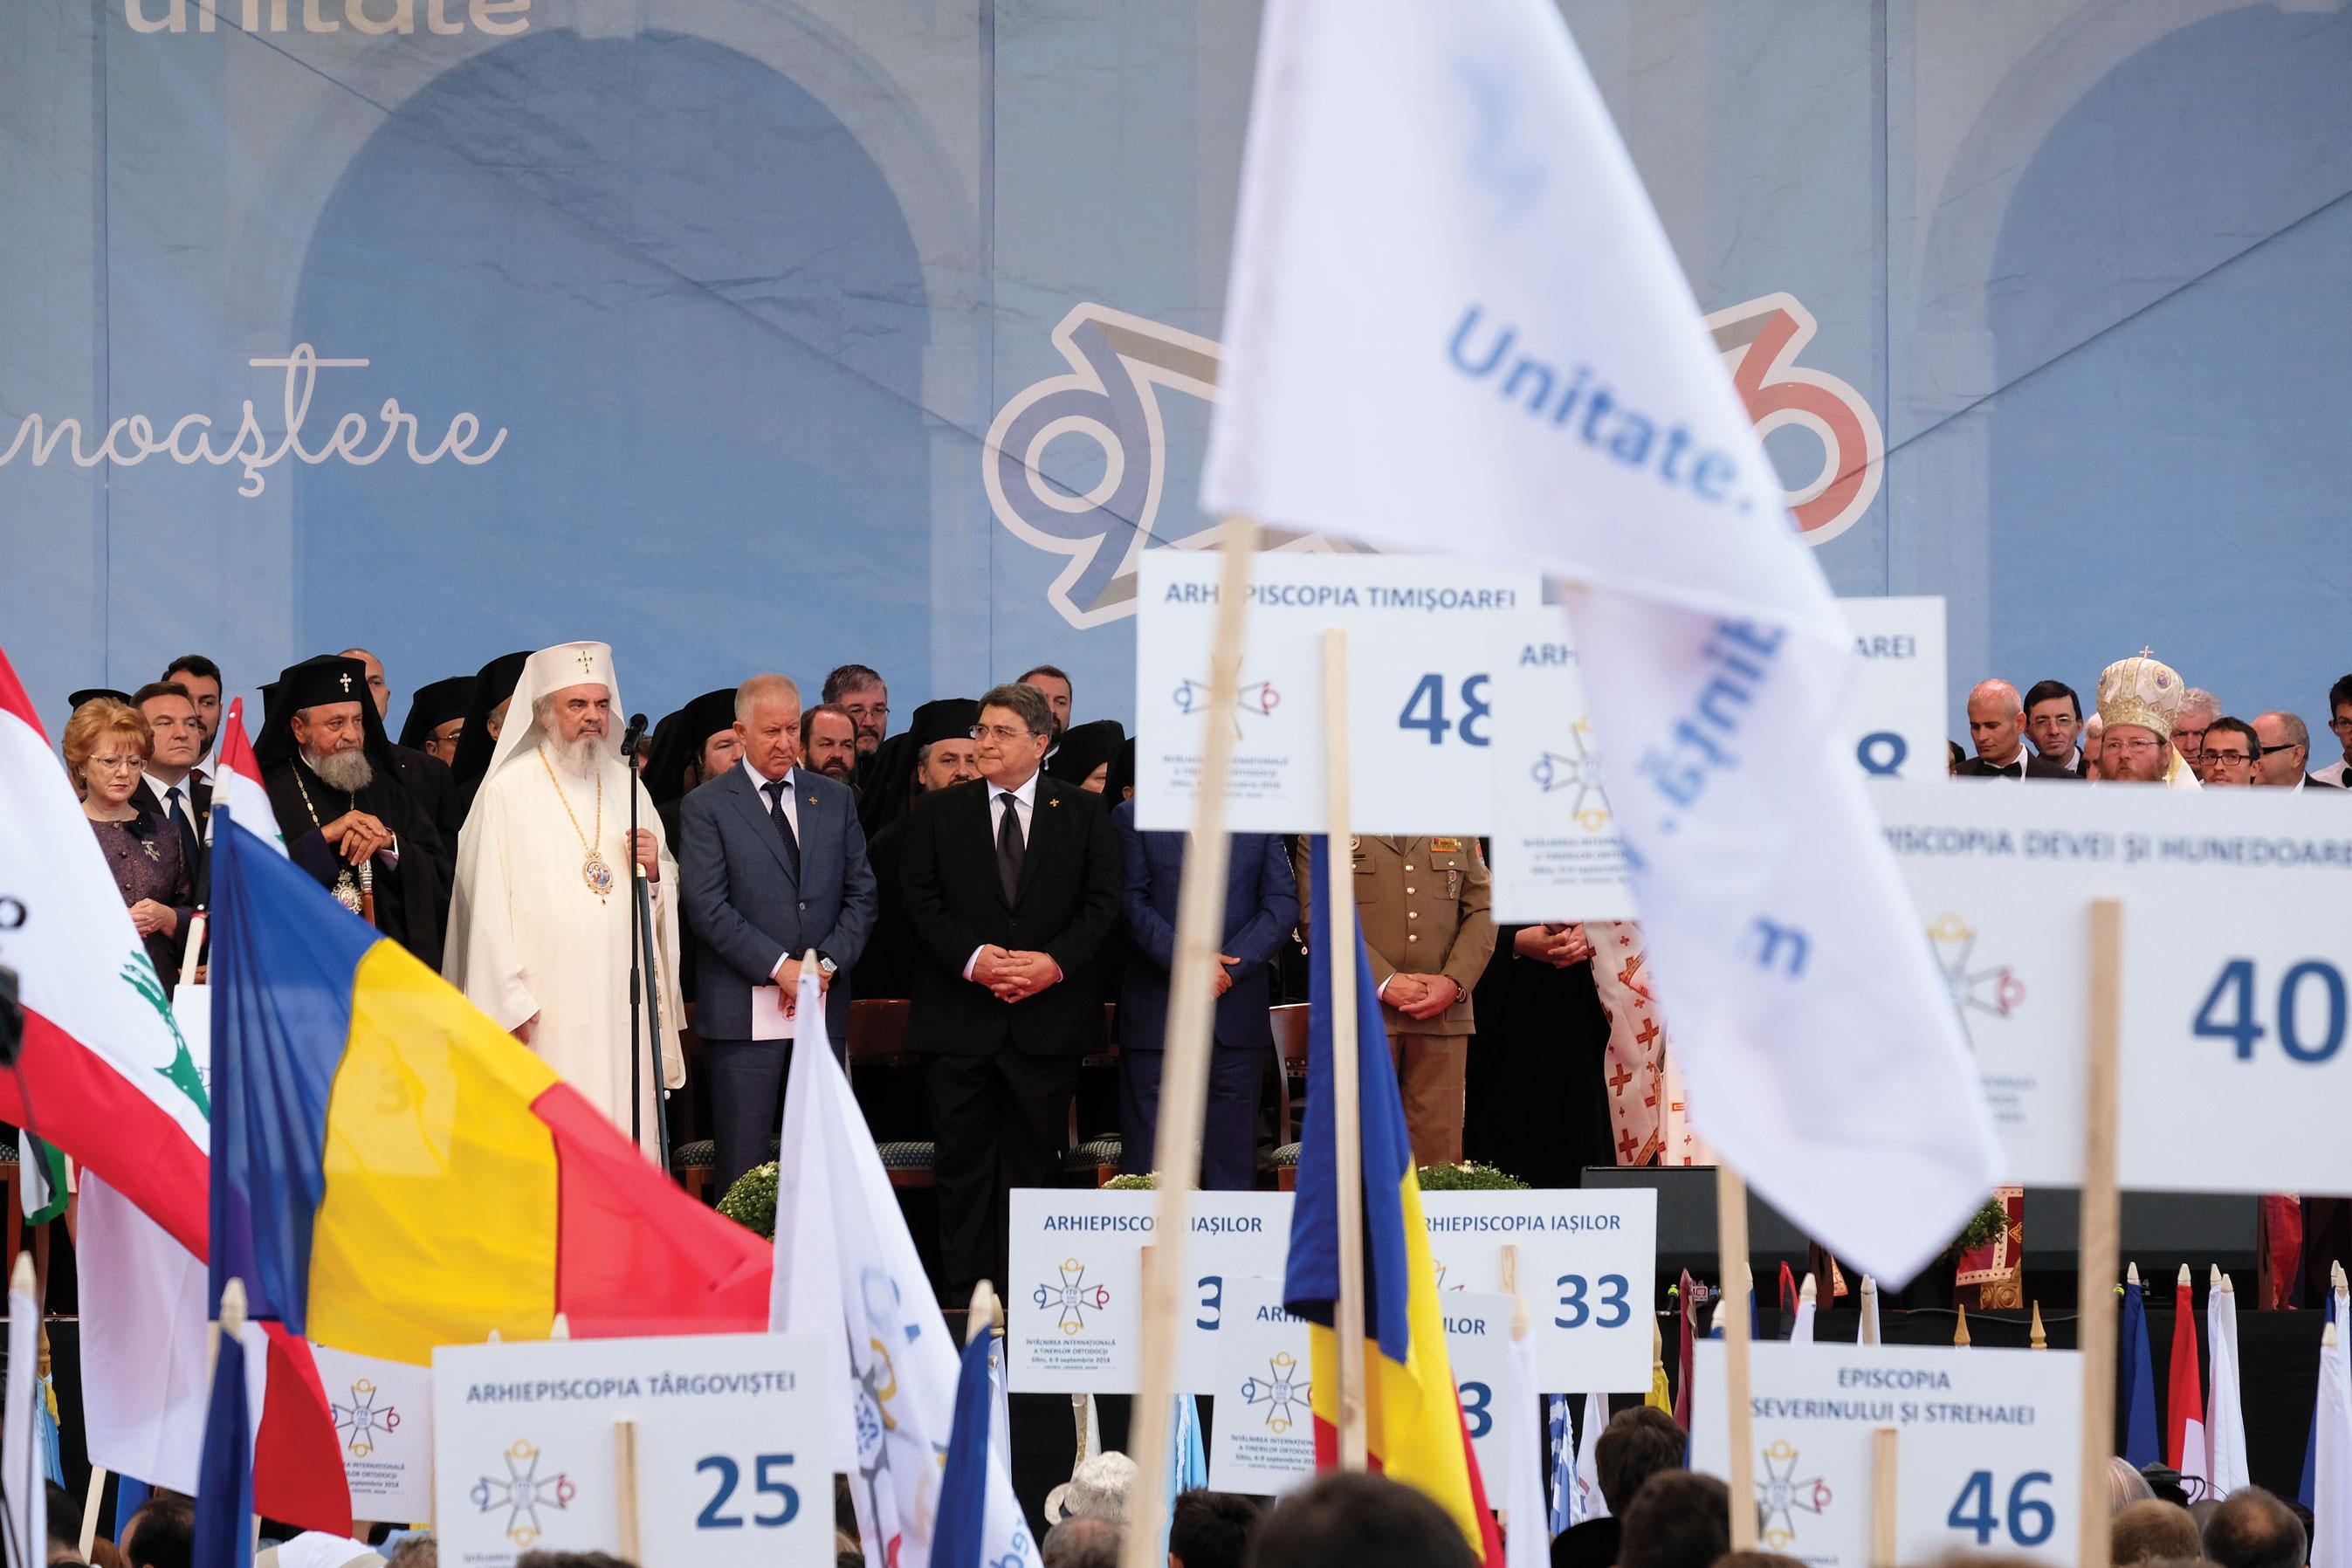 Întâlnirea Internațională a Tinerilor Ortodocși (ITO) la Sibiu